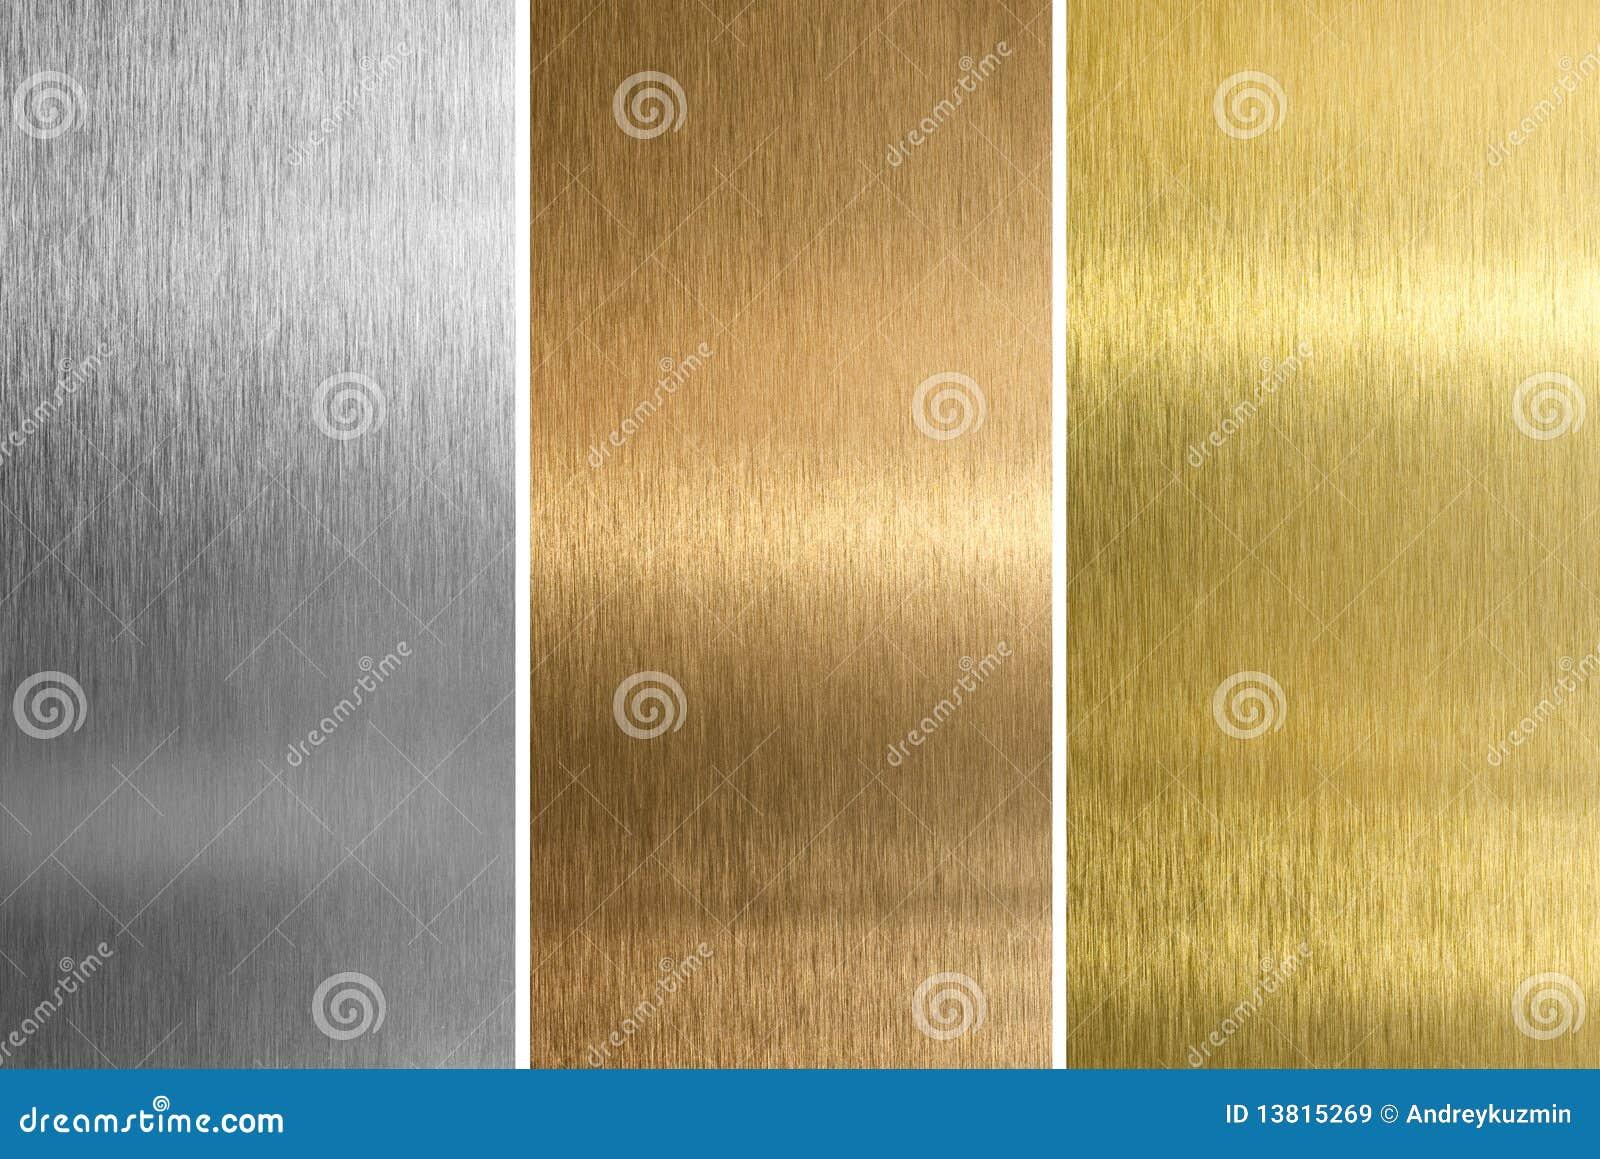 黄铜古铜色金黄银色纹理